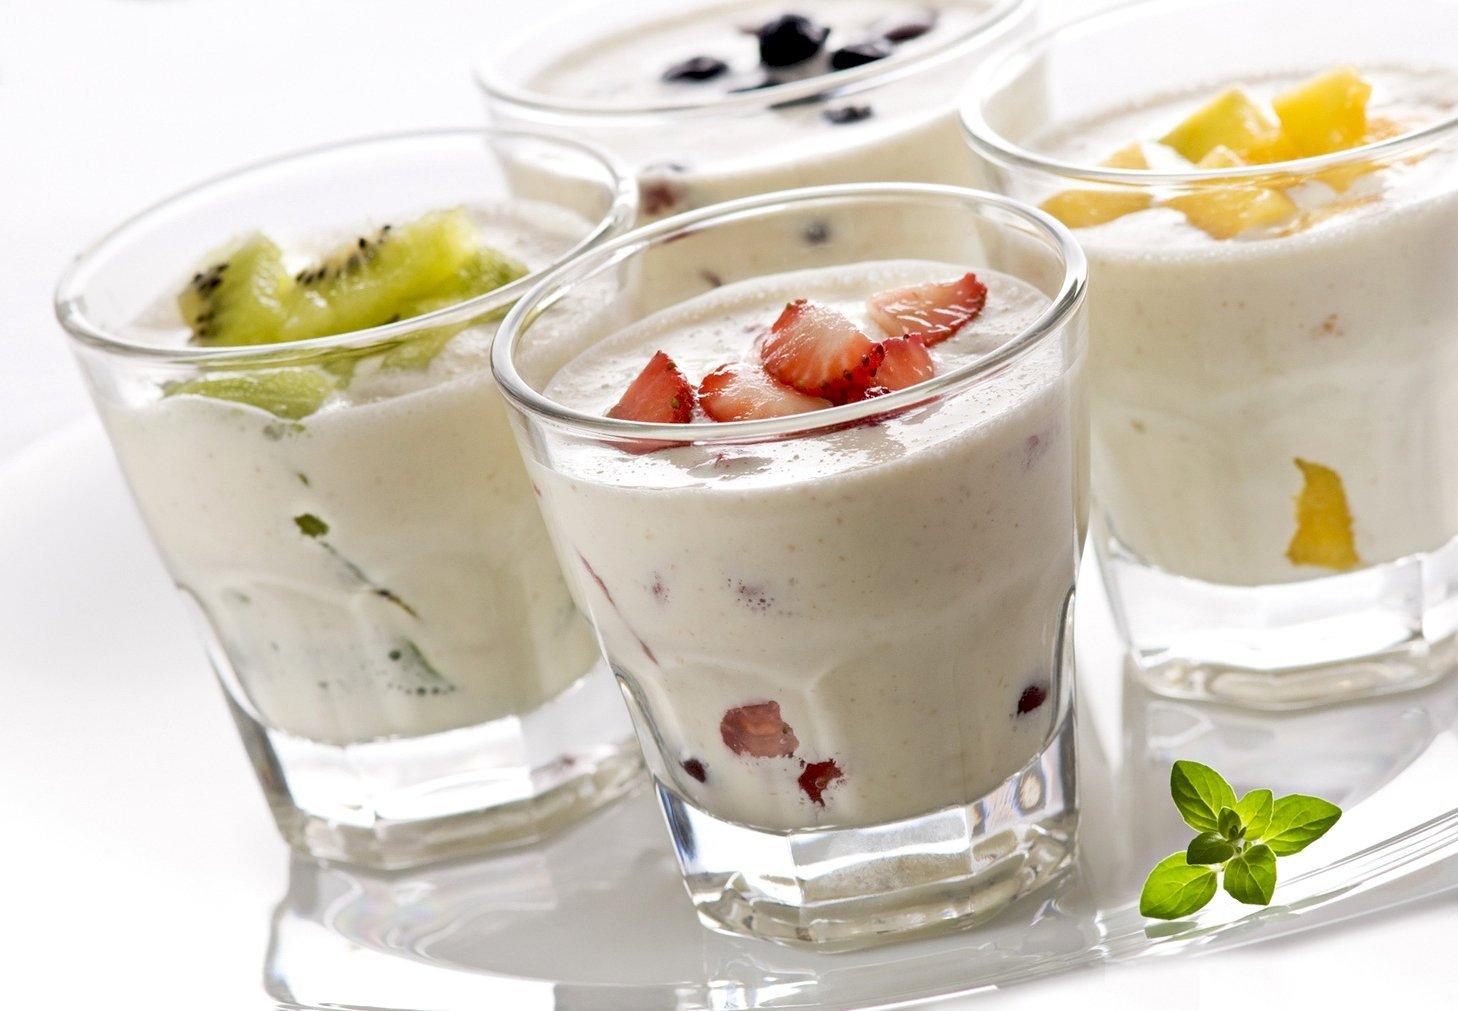 Как приготовить греческий йогурт в домашних условиях